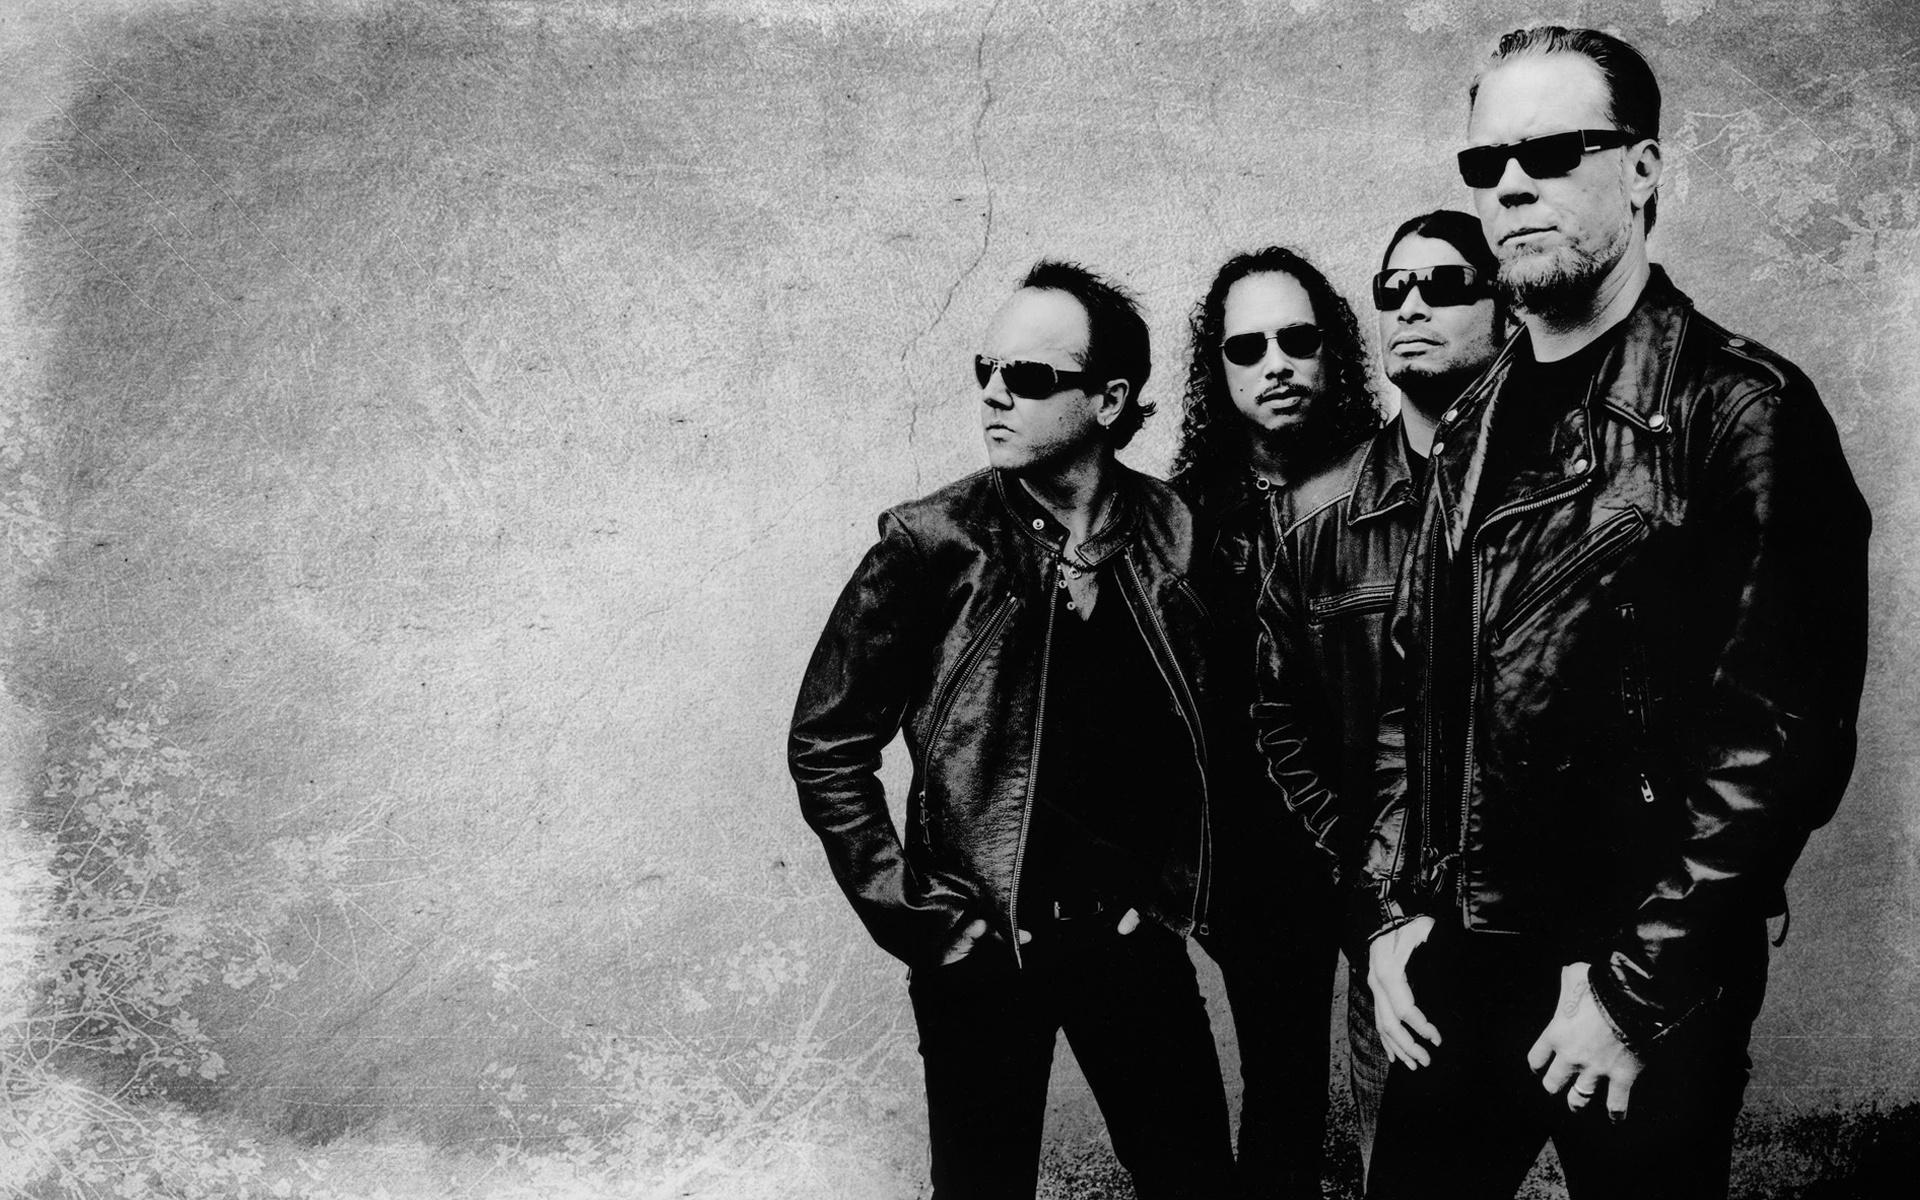 Mañana empiezan los conciertos de Metallica en Mexico